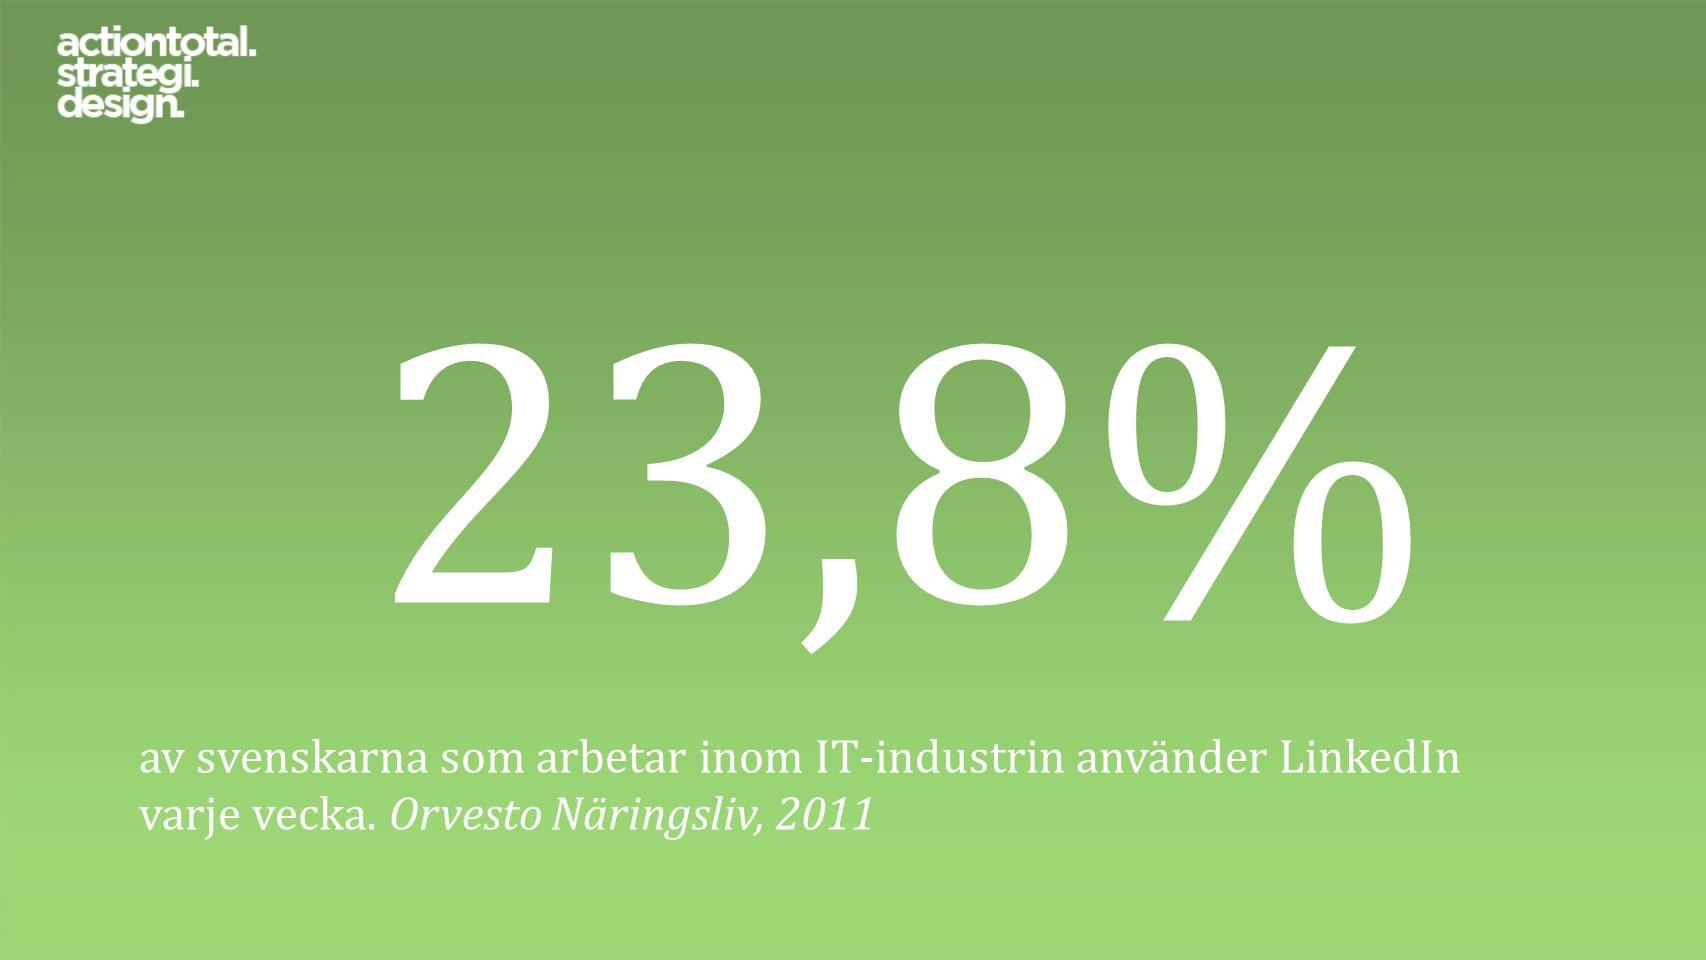 23,8% av svenskarna som arbetar inom IT-industrin använder LinkedIn varje vecka. Orvesto Näringsliv, 2011